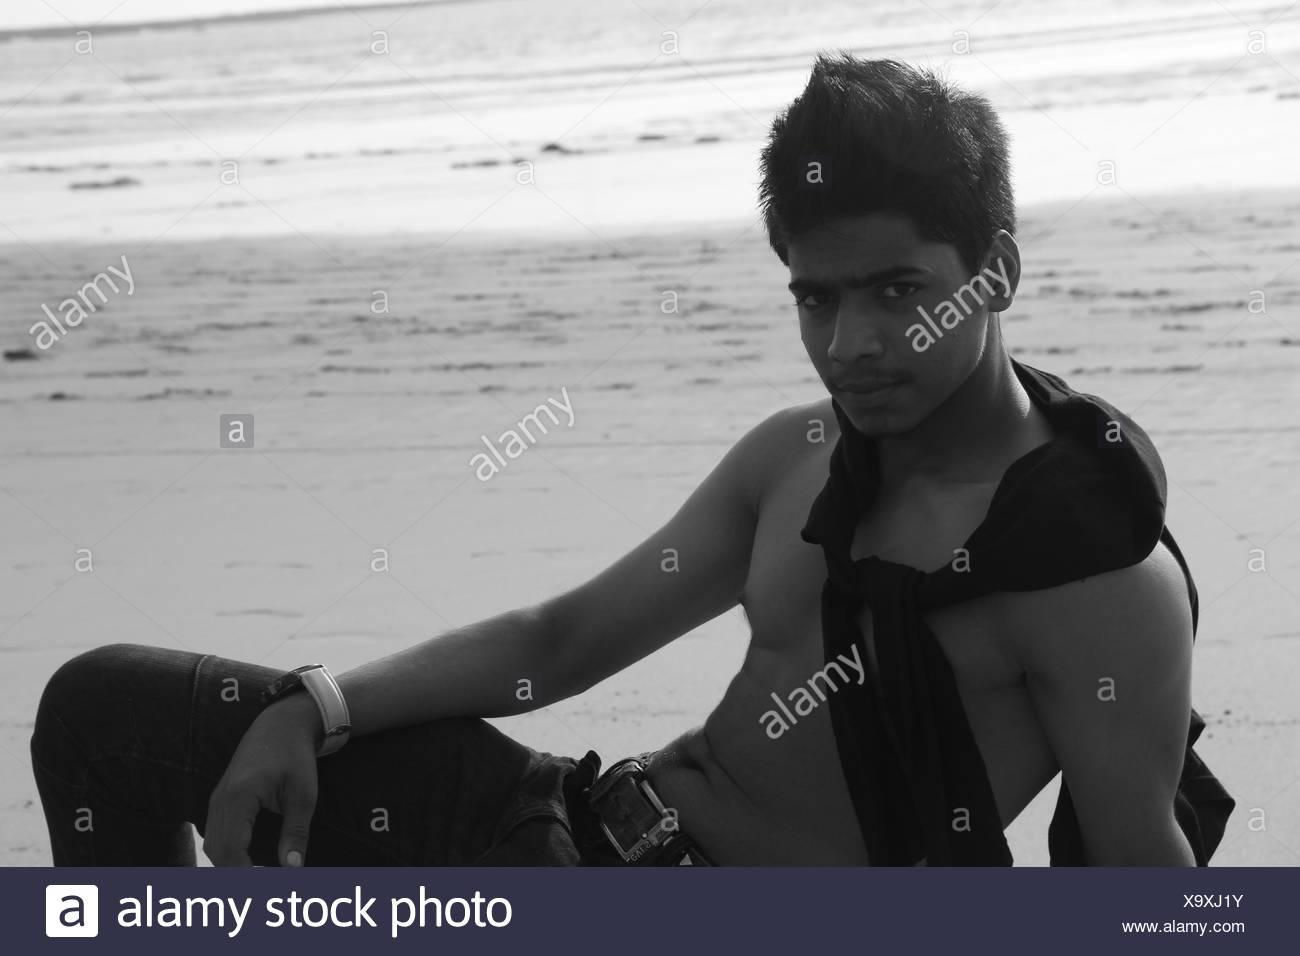 Man Posing On Beach - Stock Image